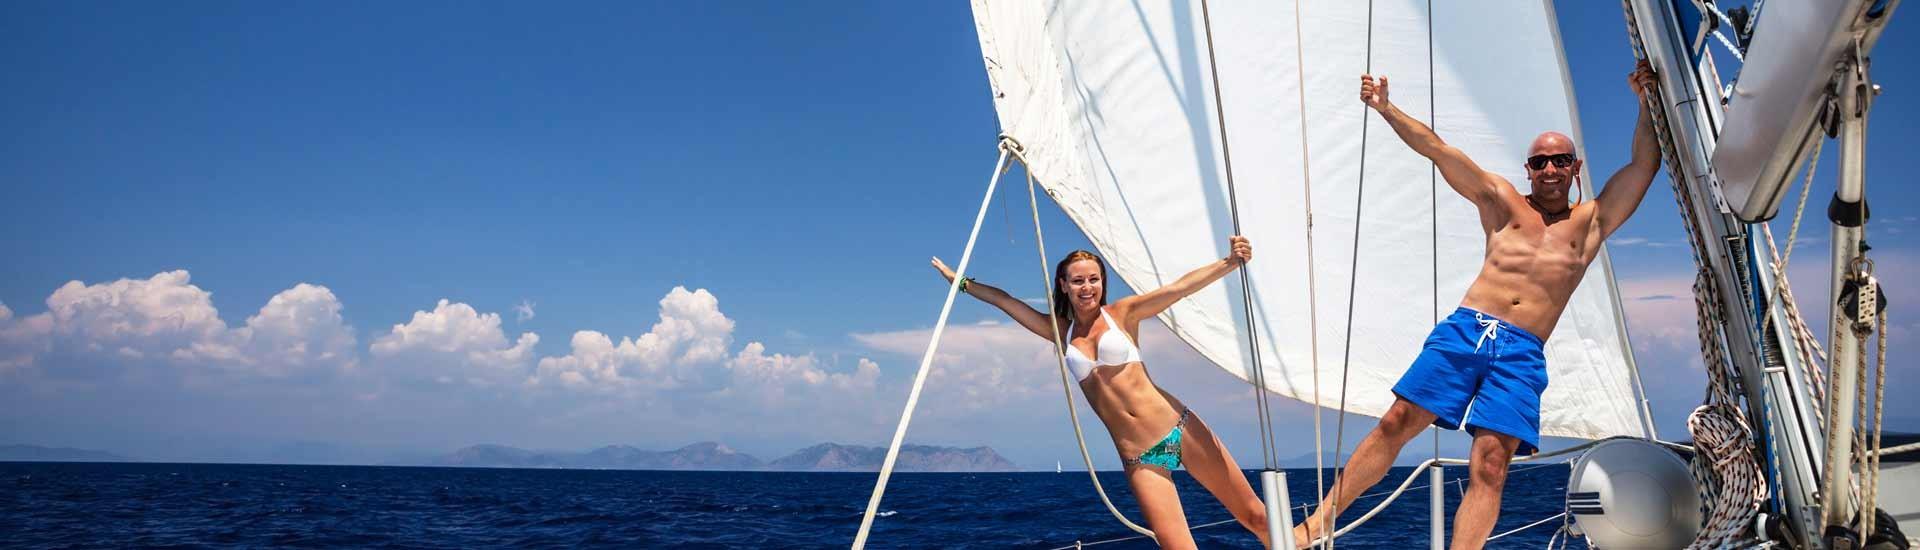 Viel Spaß auf Segelboot